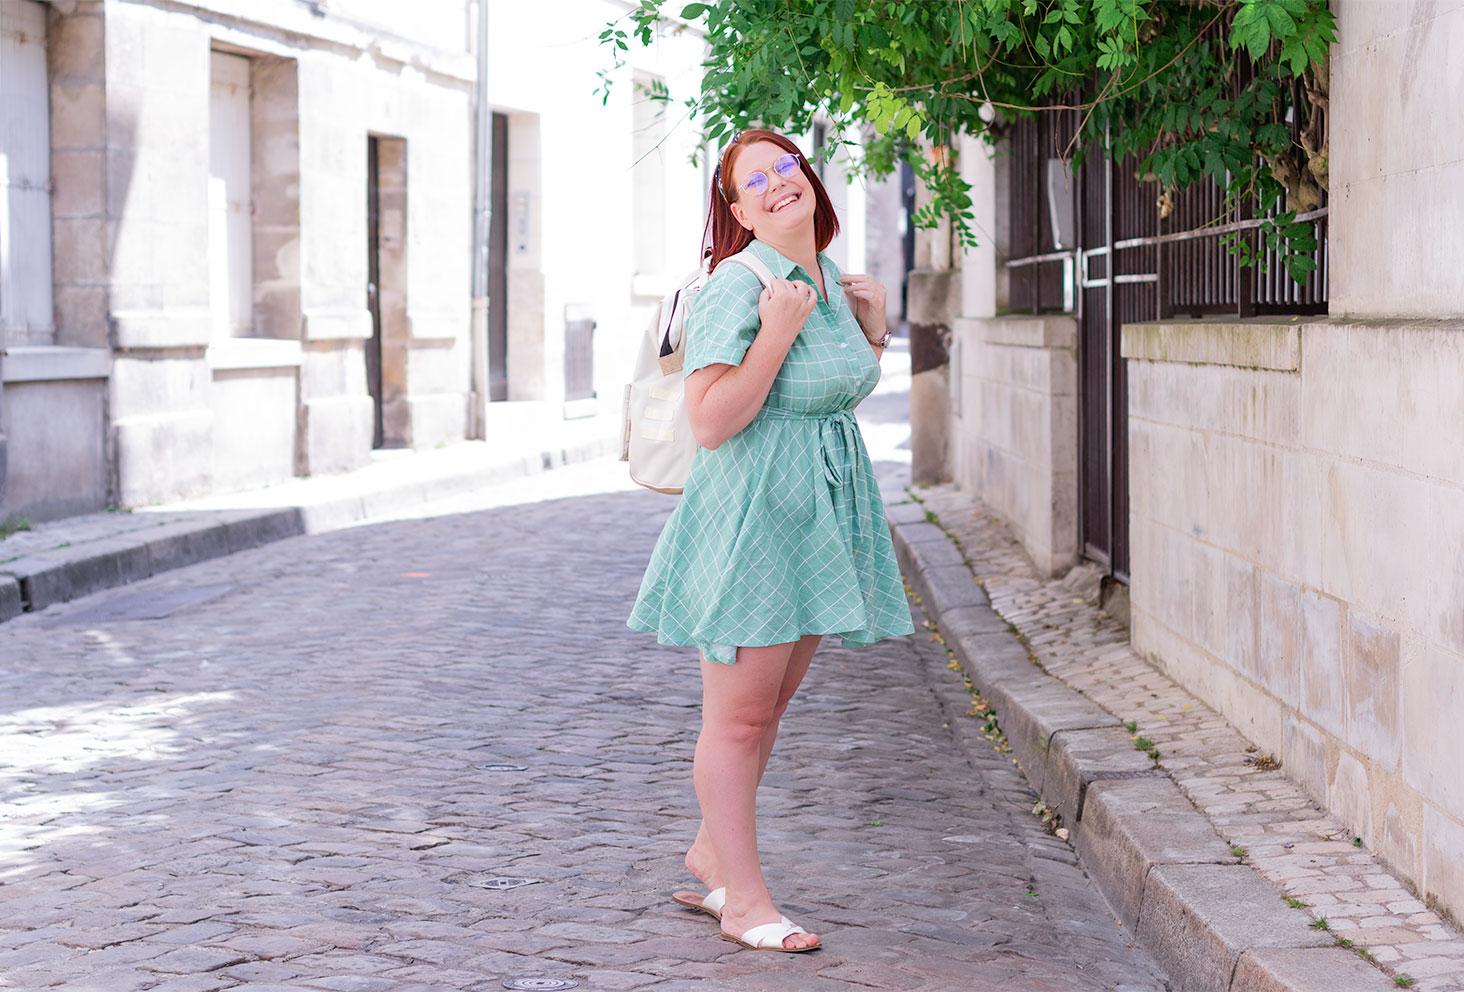 Dans la rue avec le sourire, en robe fluide verte SheIn, un sac à dos beige sur le dos pour la rentrée